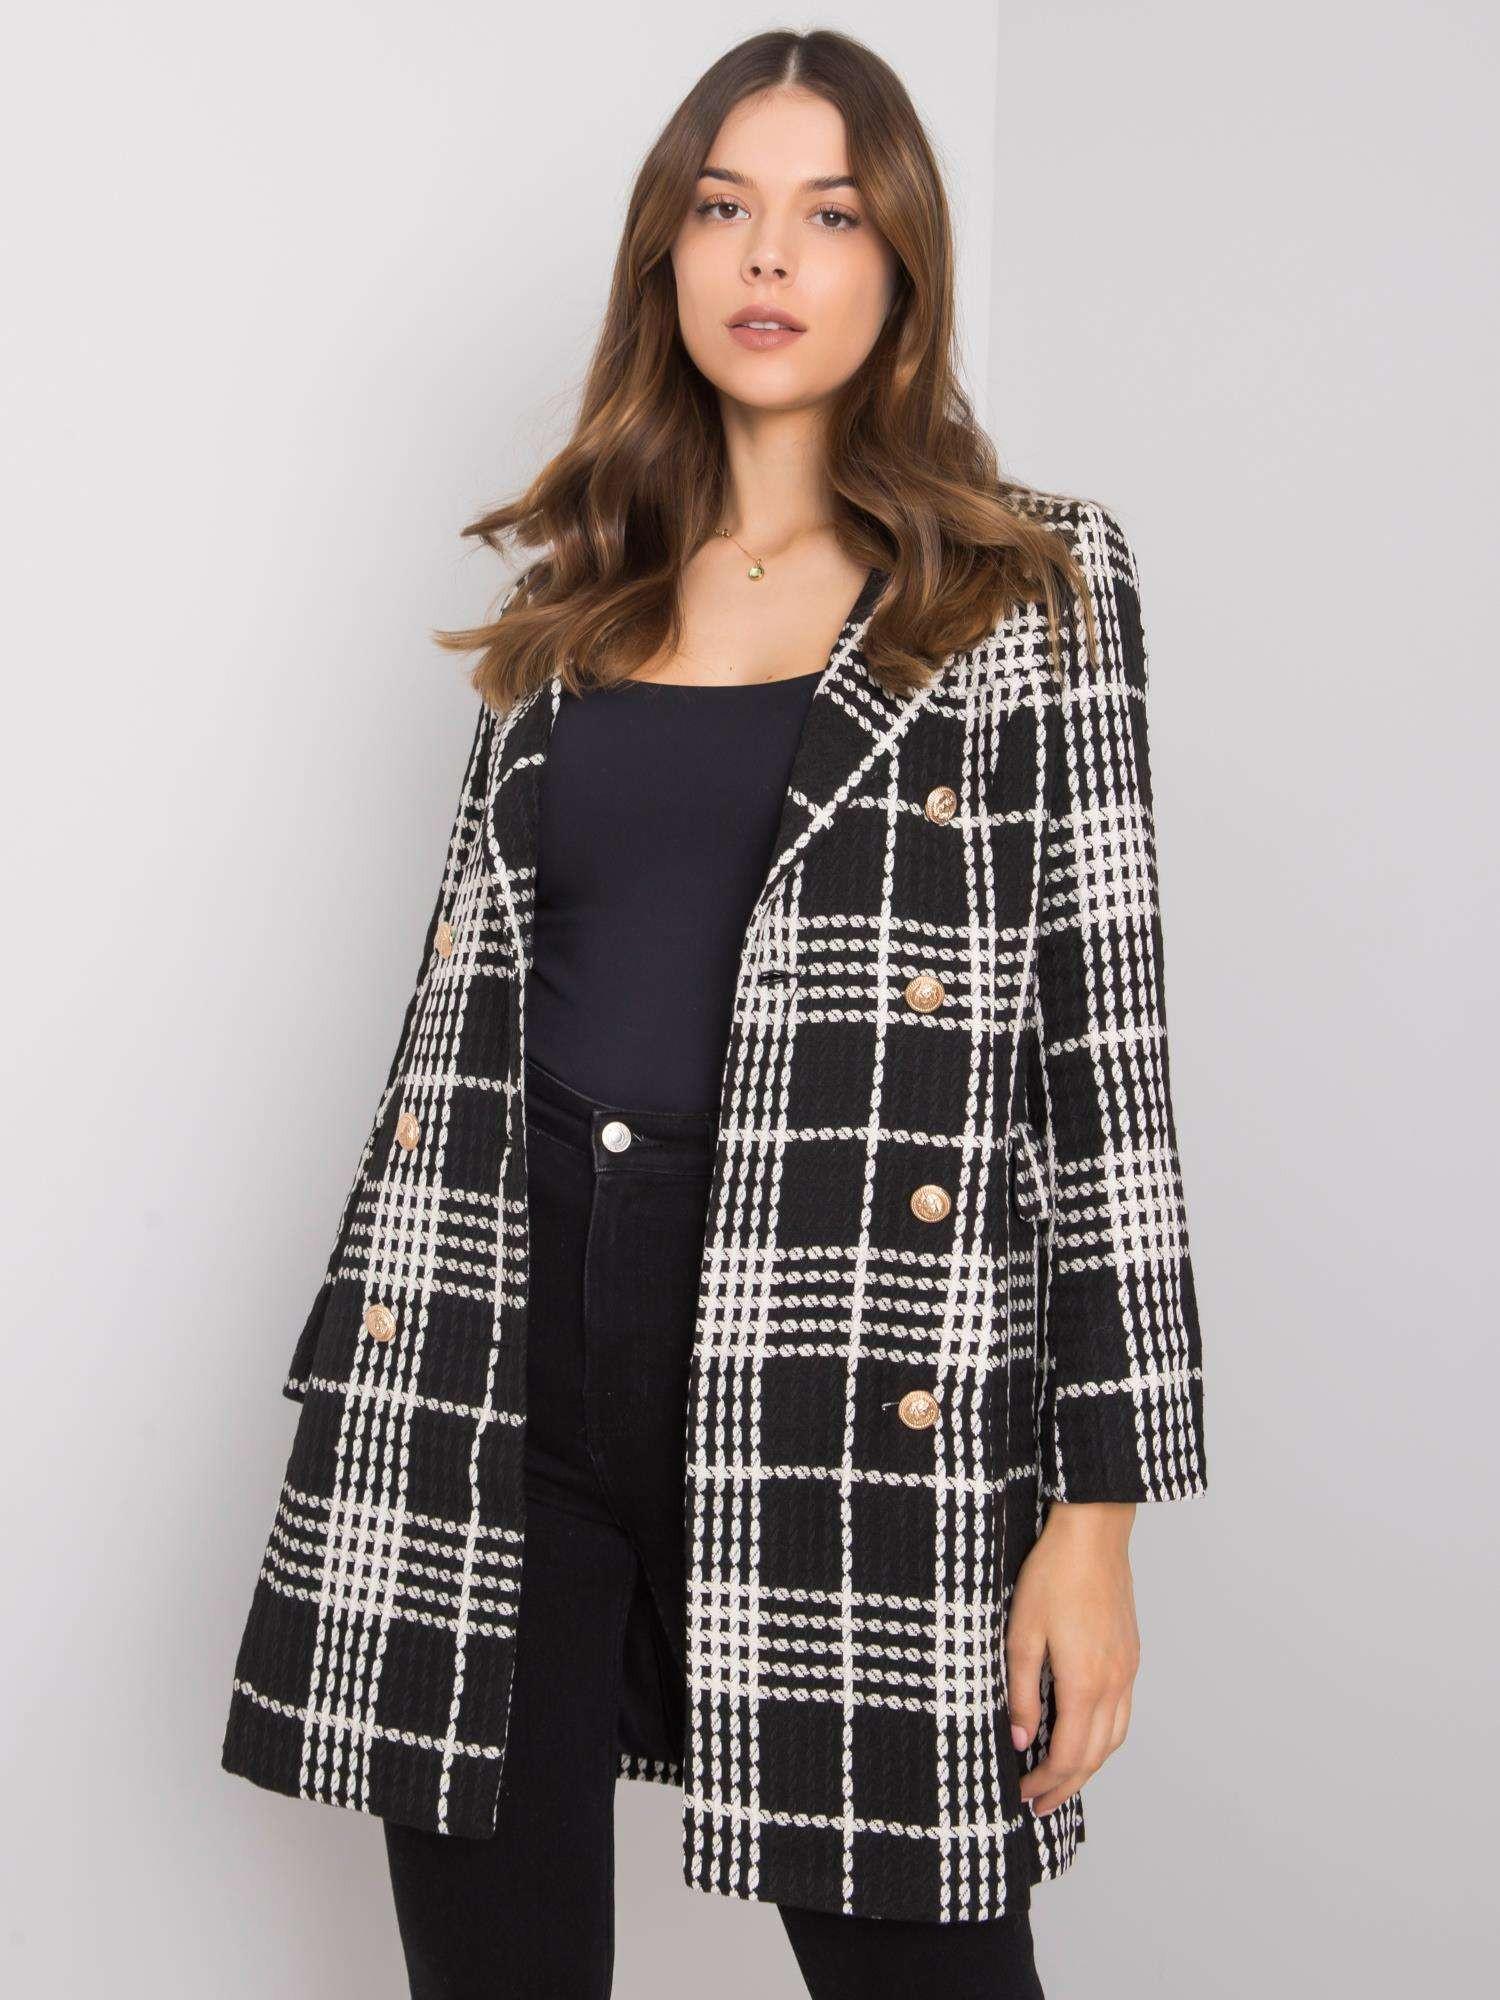 Černý a bílý dámský kostkovaný kabát S